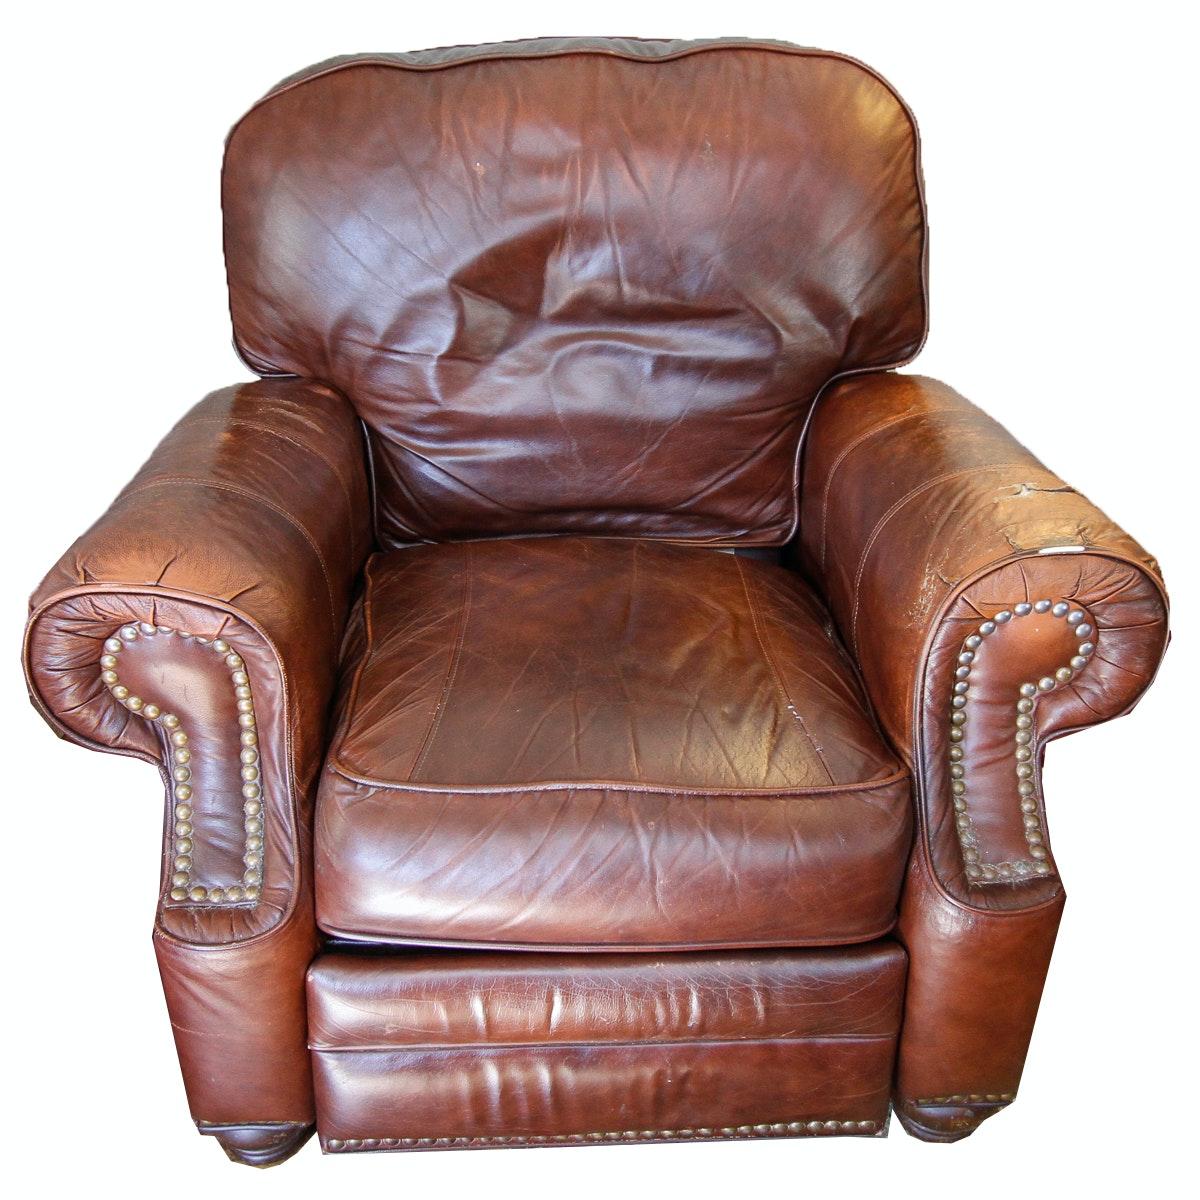 Vintage Leather Recliner